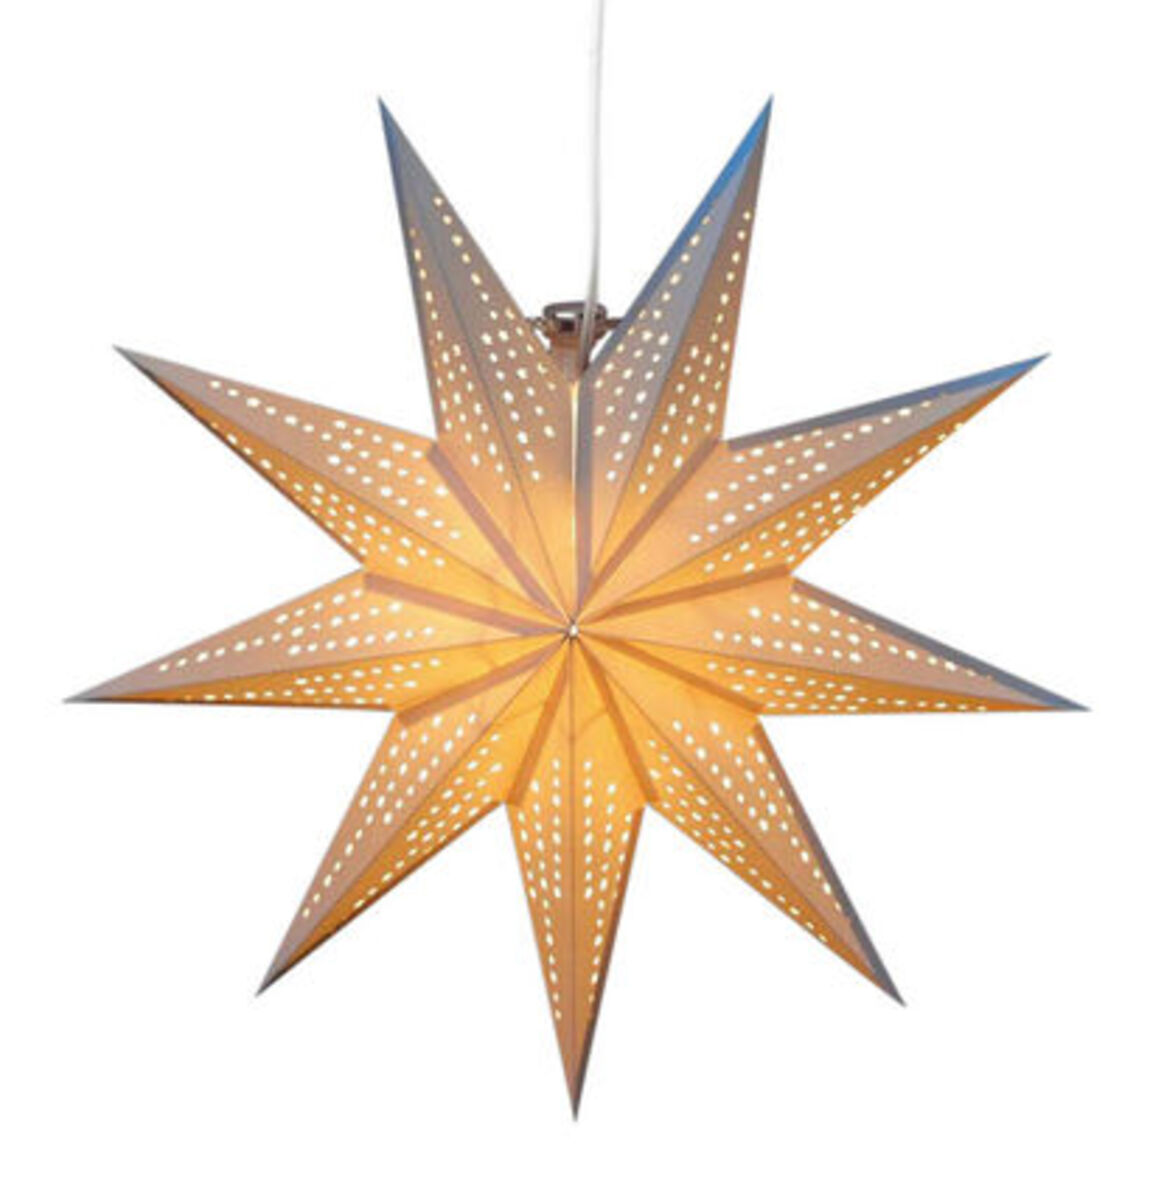 """Bild 1 von Galeria Selection Weihnachtsdekoration """"Papierstern"""", 45 cm, hängend, weiß"""